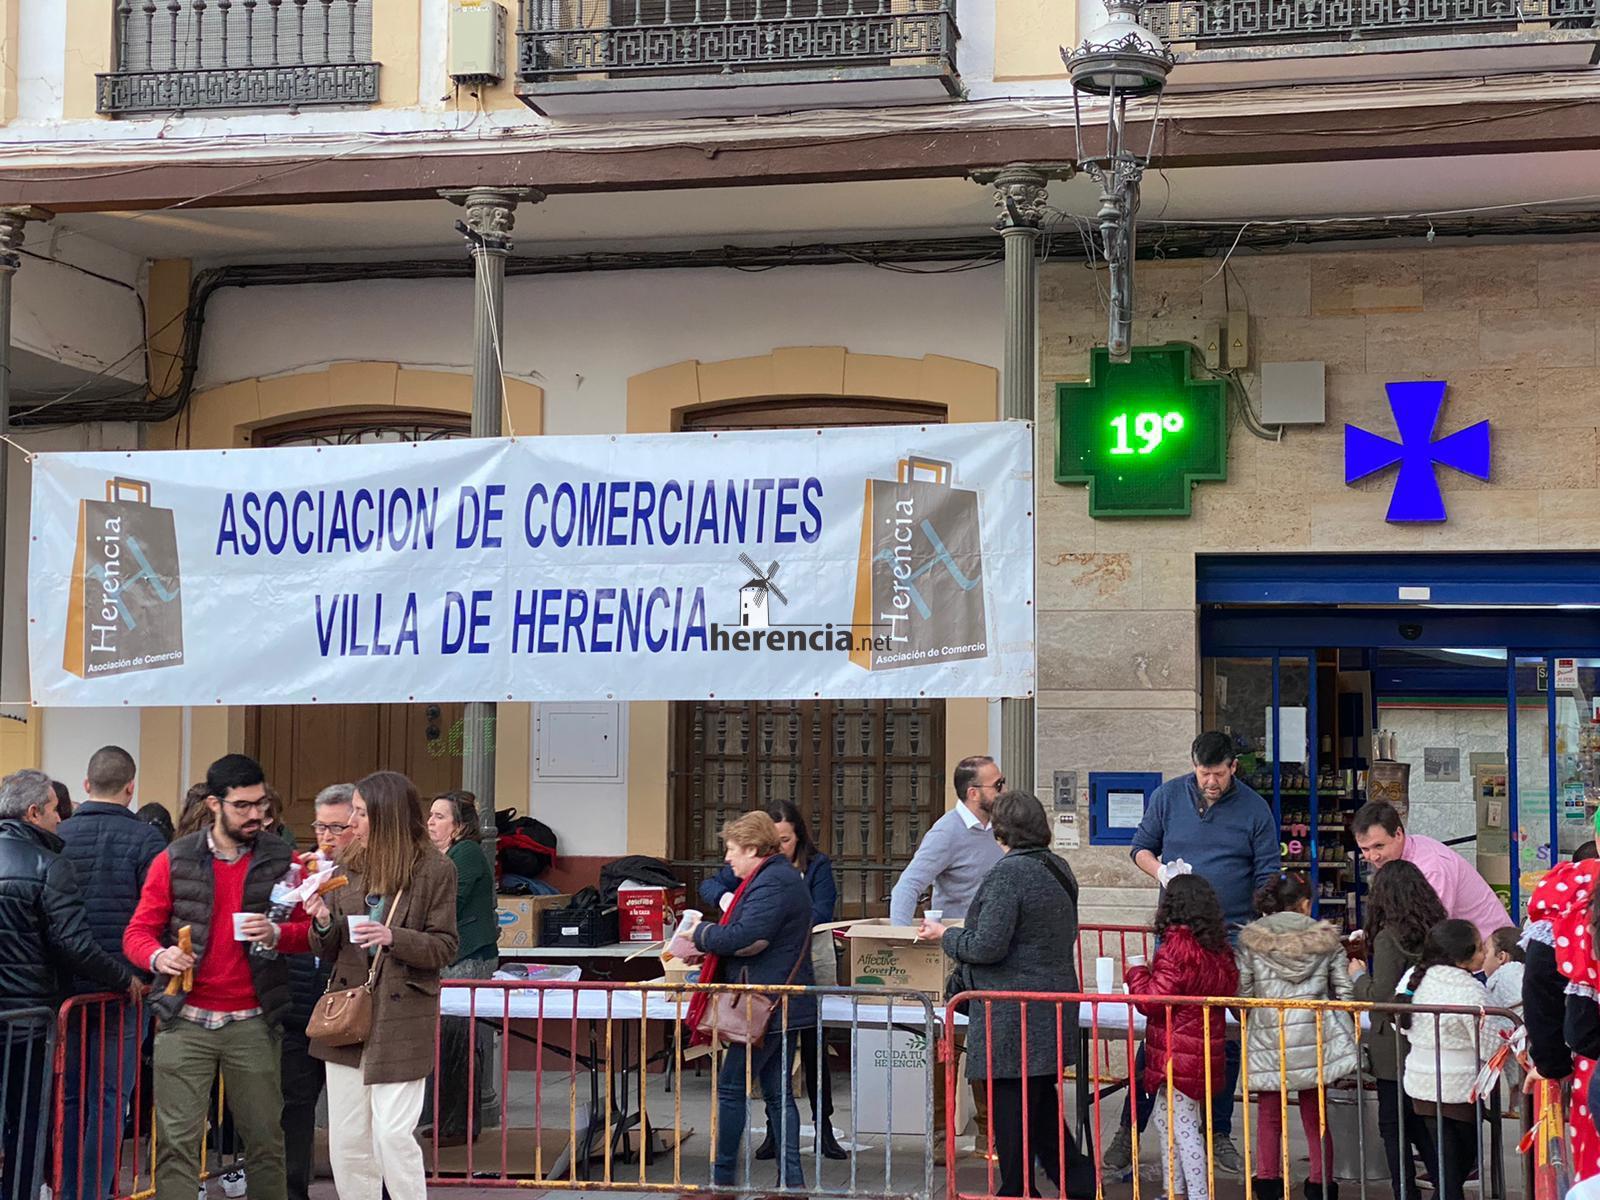 El Domingo de las Deseosas te invita al Carnaval de Herencia 2020 47